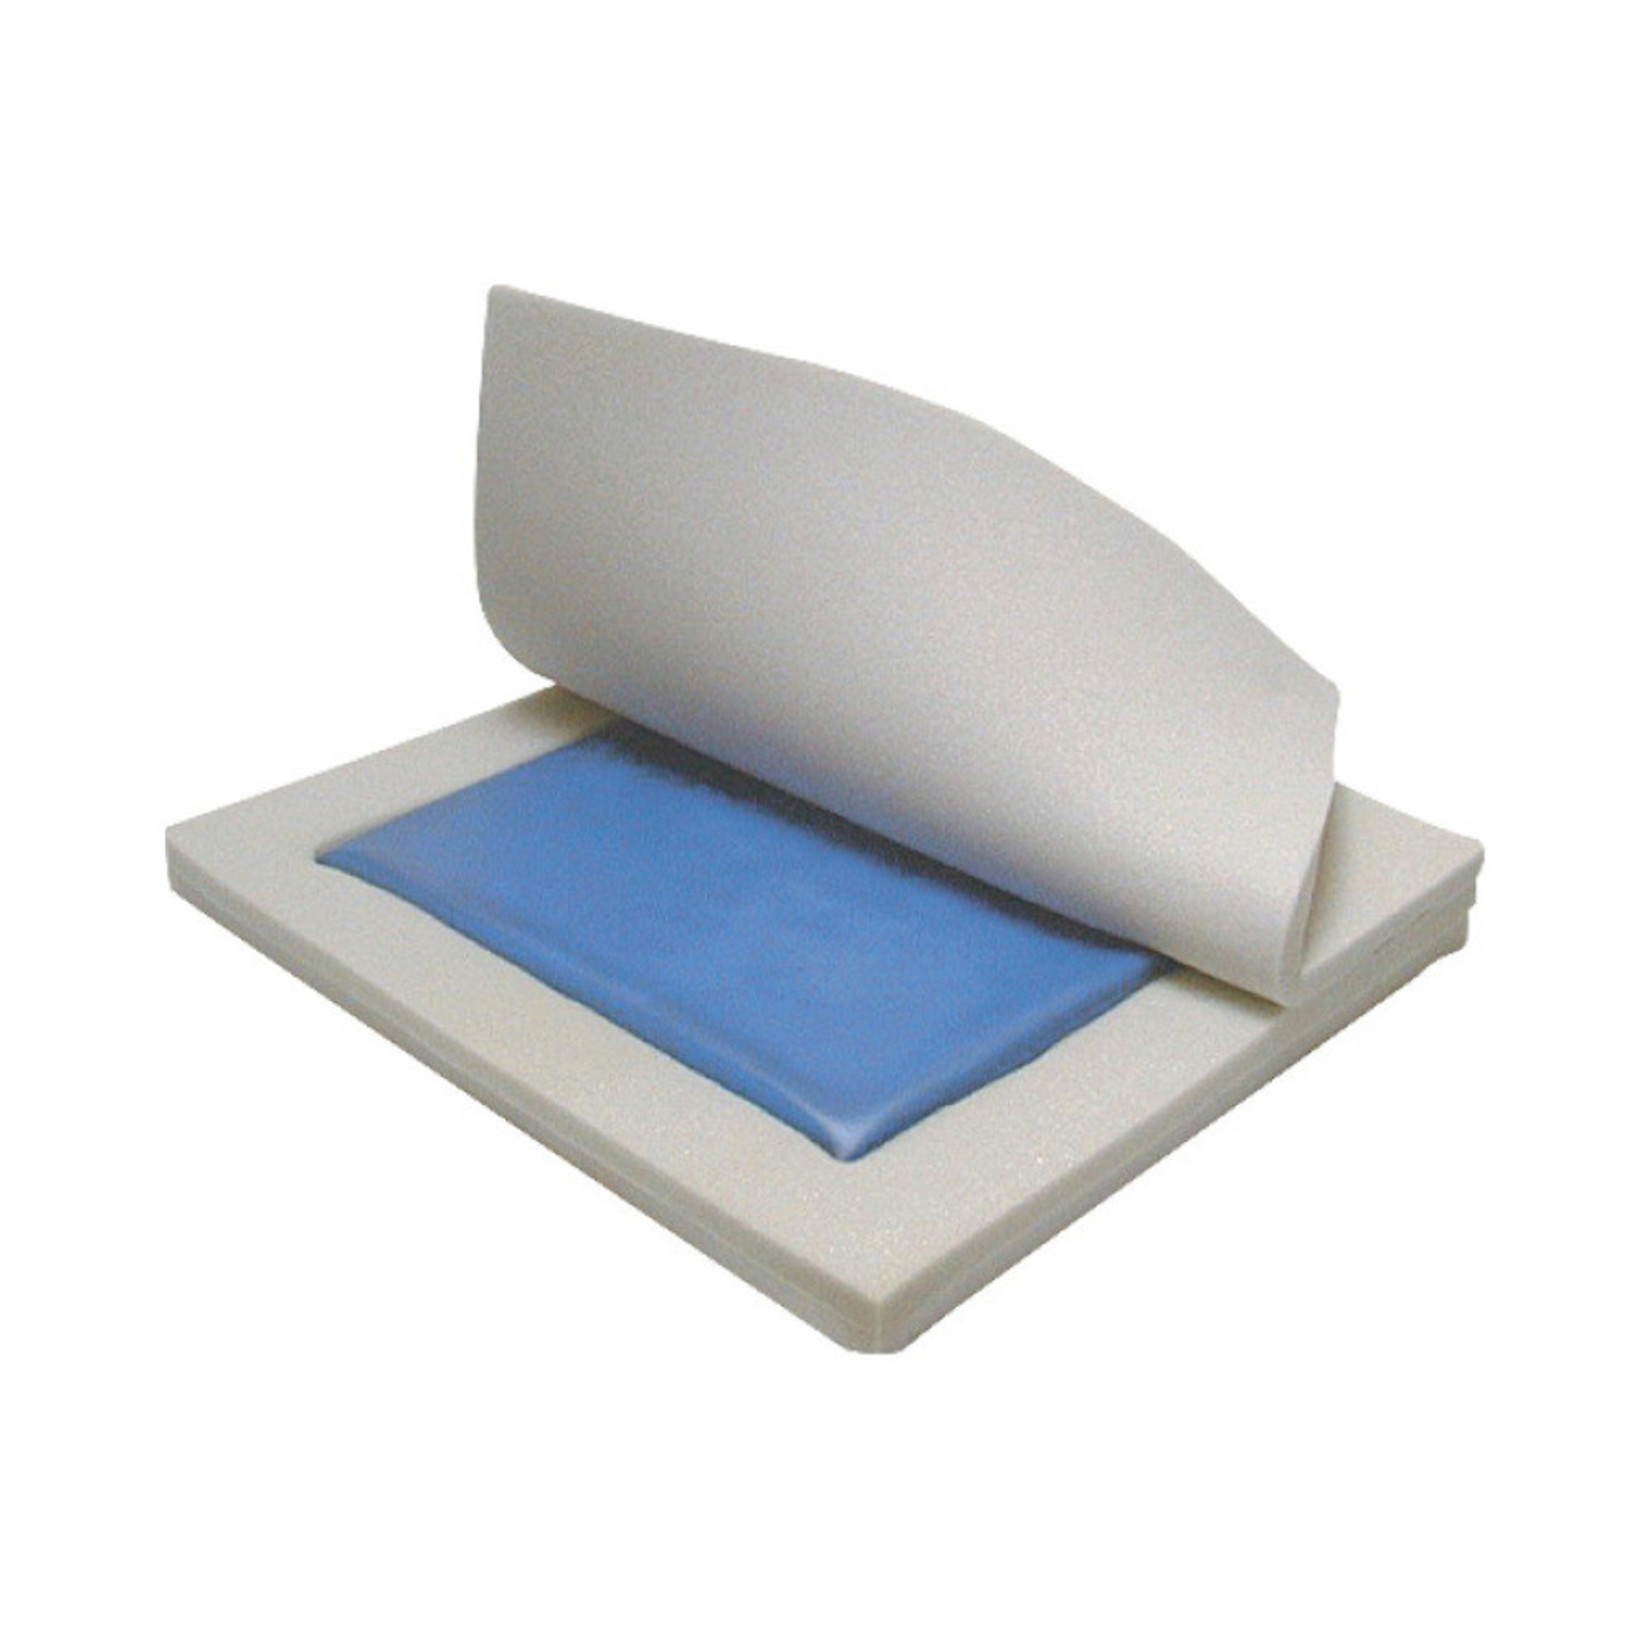 Drive Medical Wheelchair Cushion - Gel 20x16x3